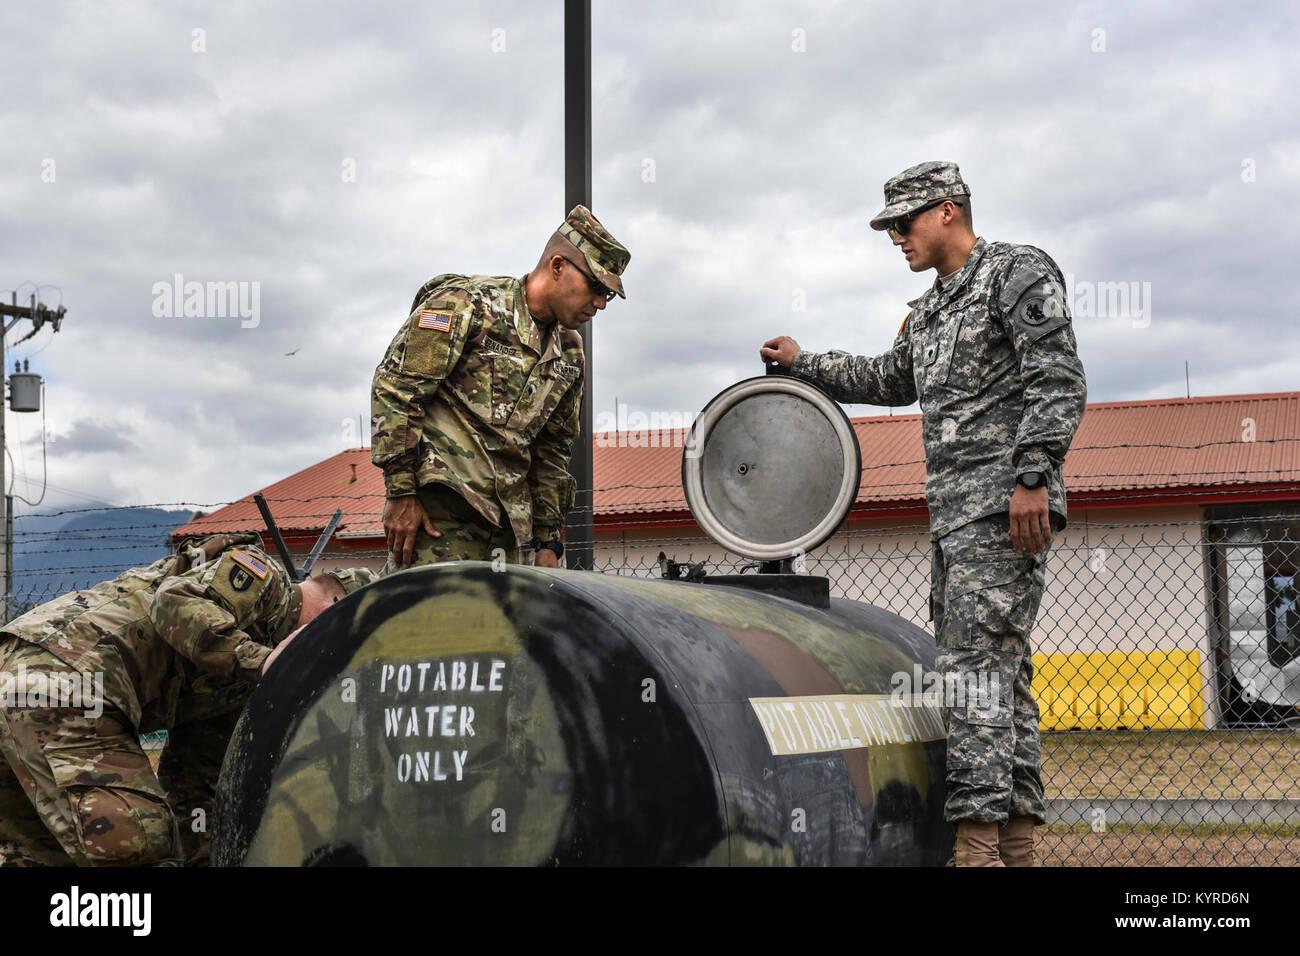 Water buffalo army - photo#51